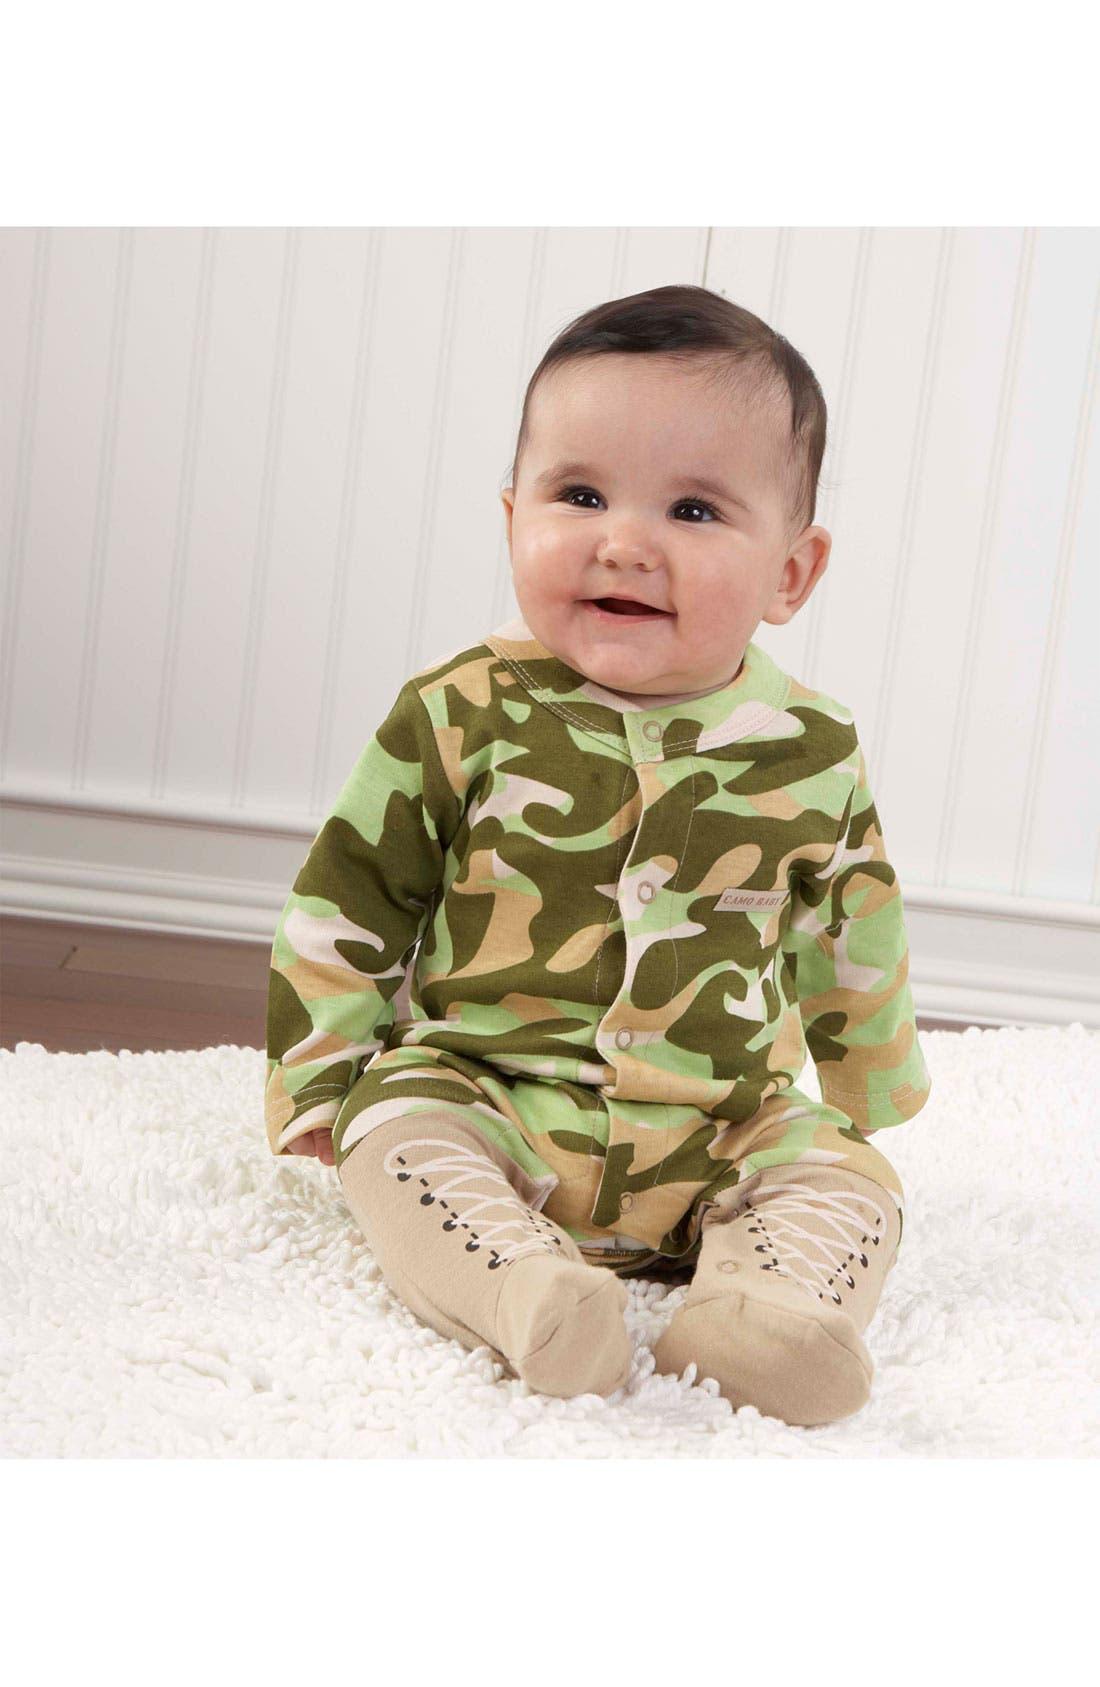 Alternate Image 1 Selected - Baby Aspen 'Baby Camo' Footie & Hat (Baby)